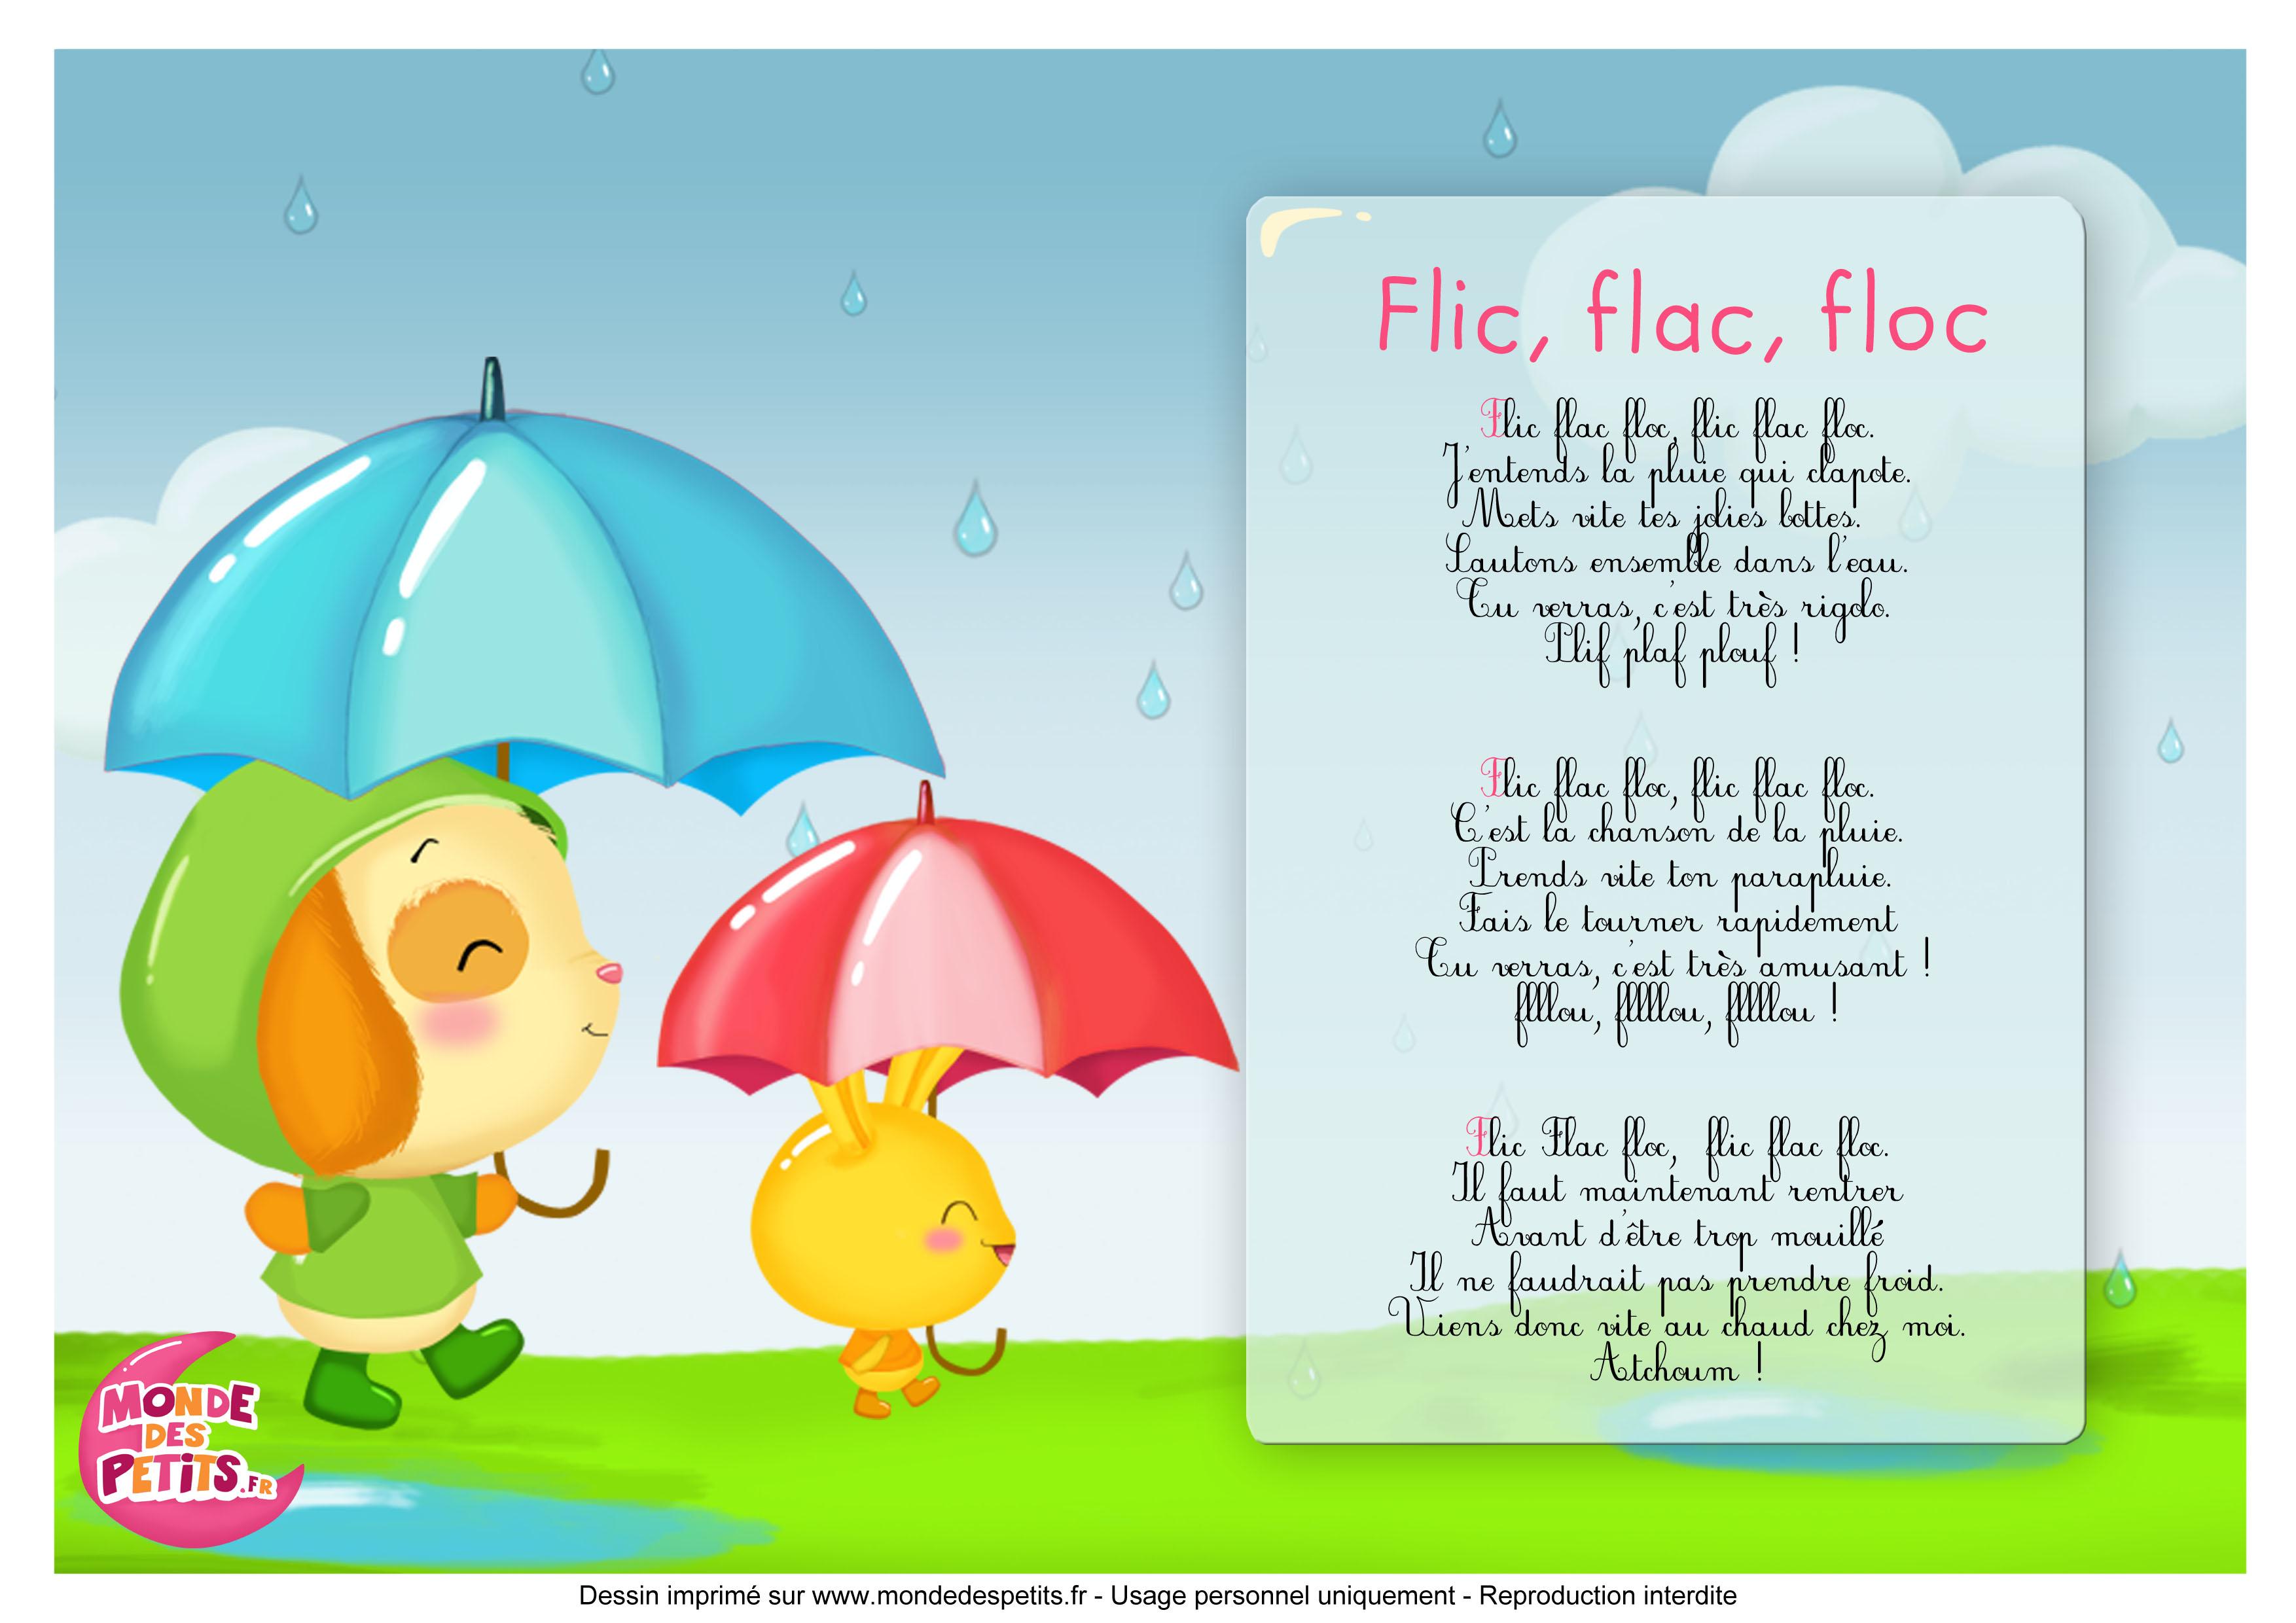 Flic, flac, floc, la chanson de la pluie